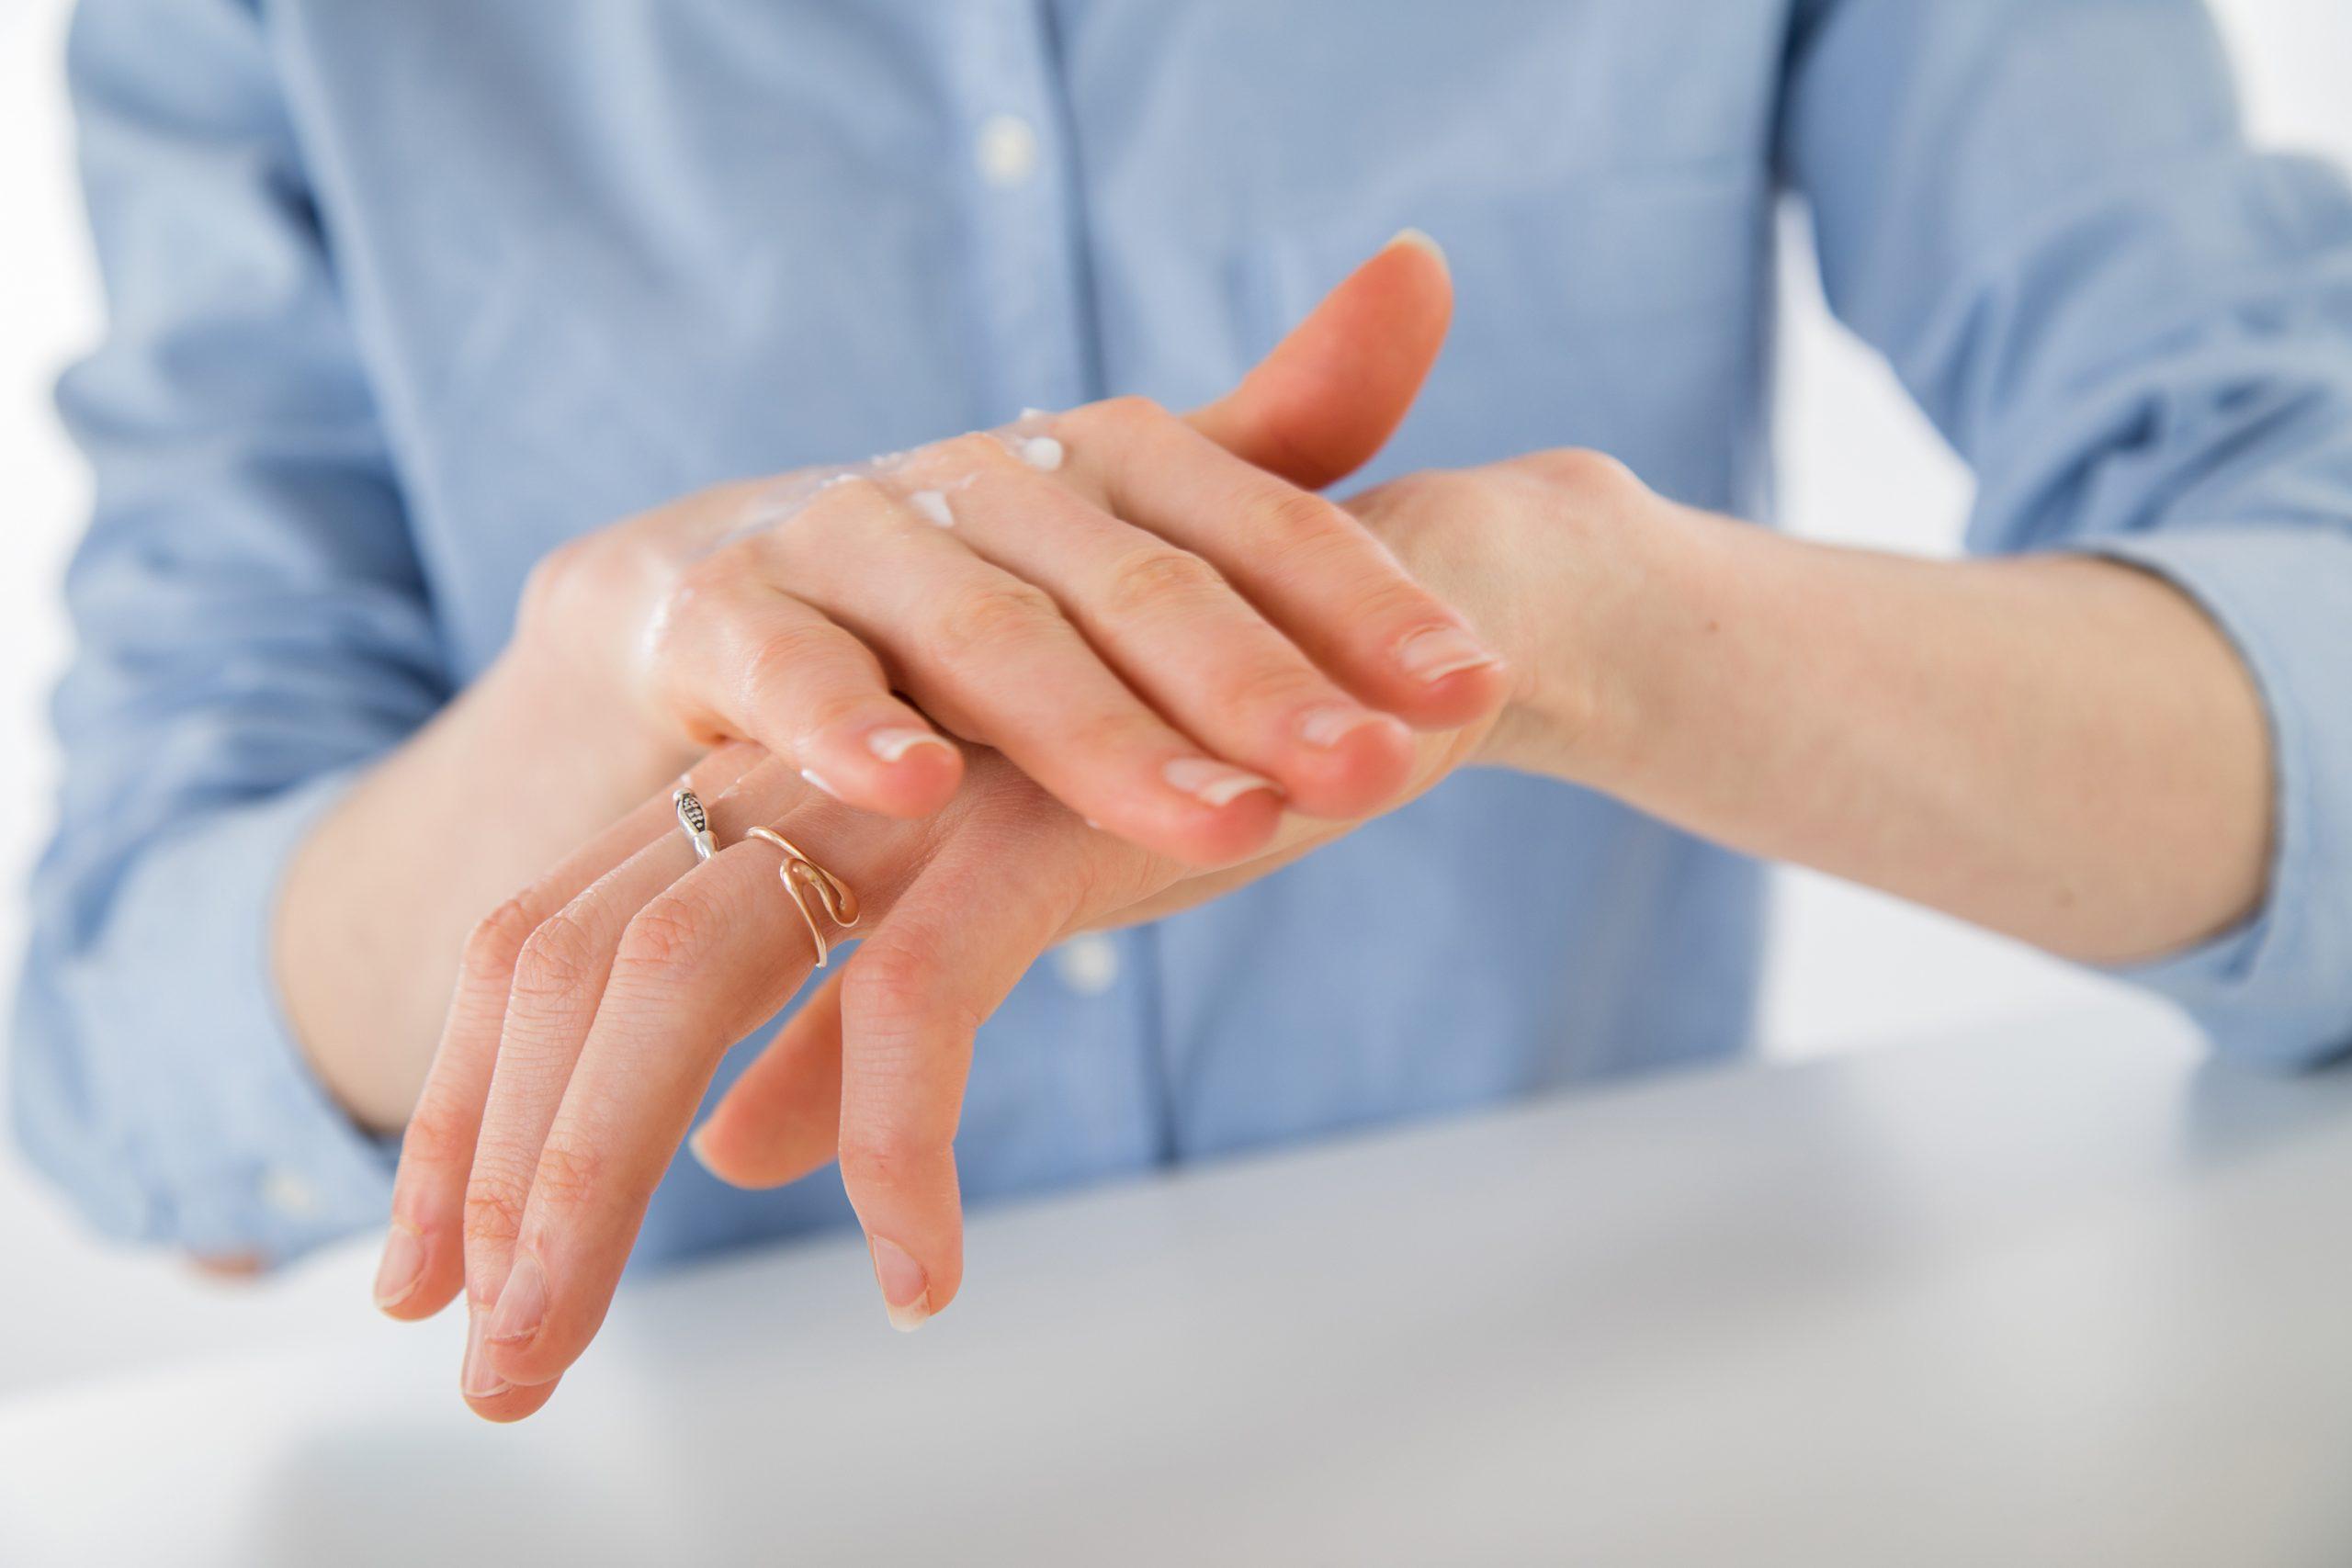 Menos a veces puede ser más: No lave ni cuide excesivamente la piel